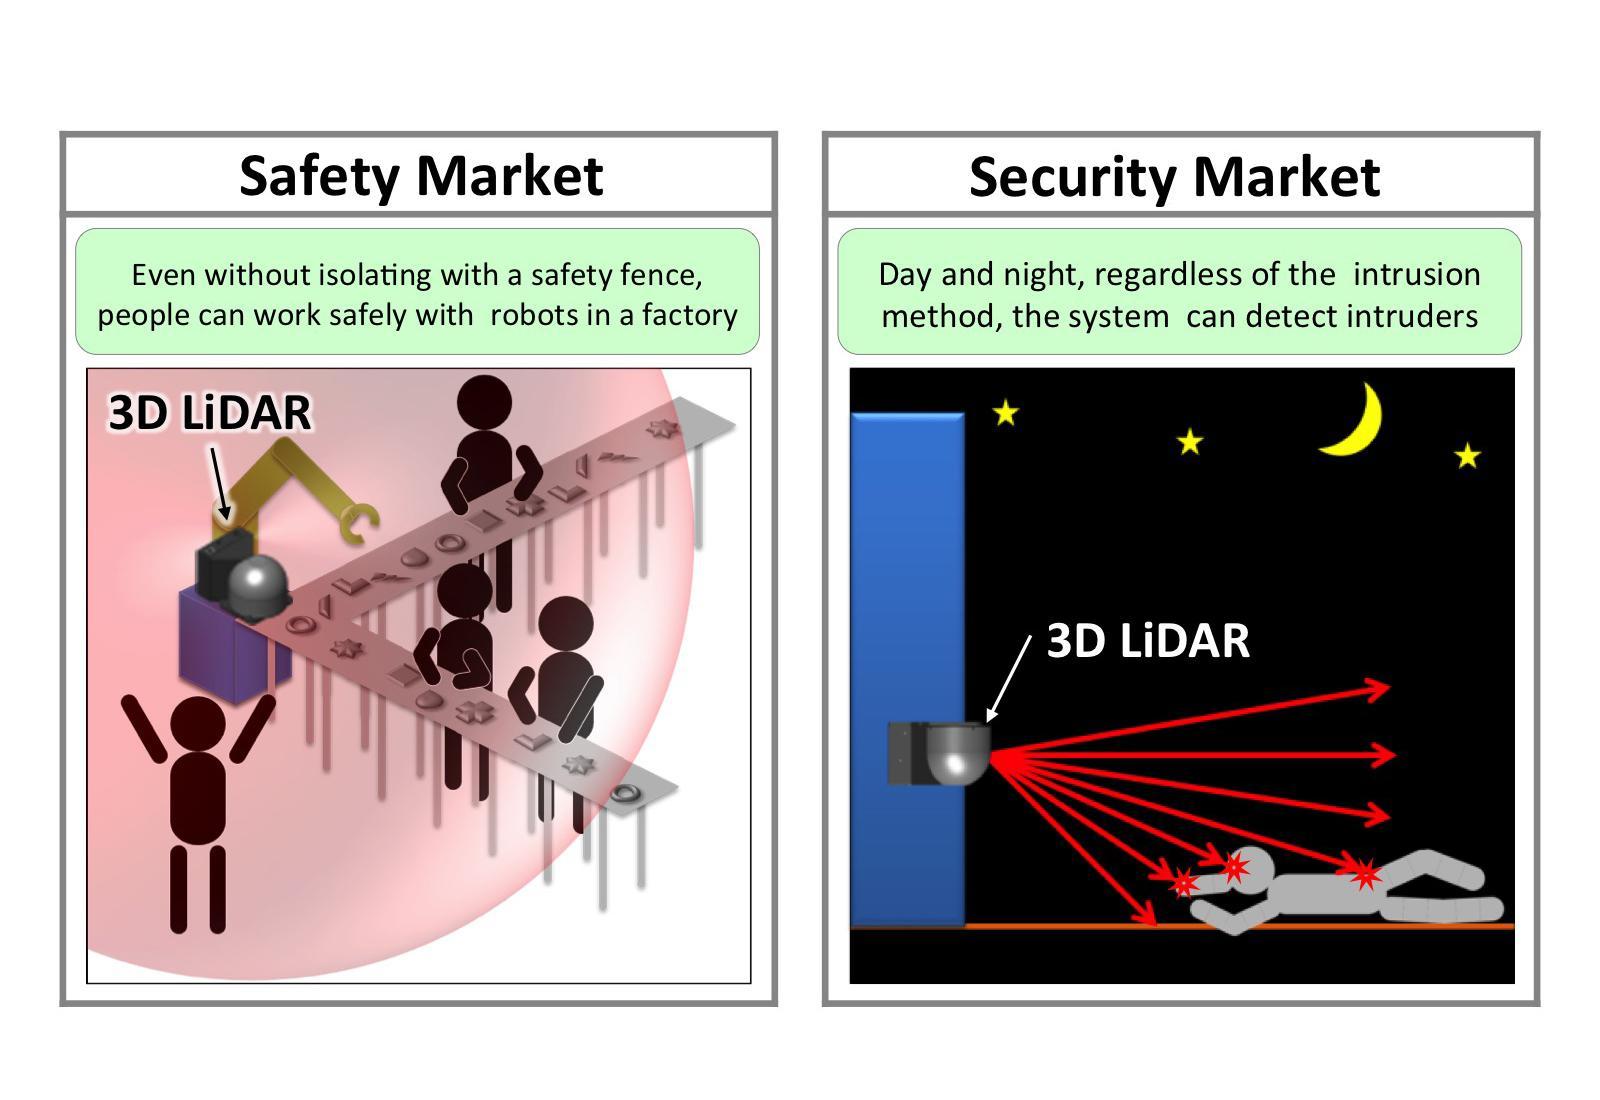 Applications of 3D LiDAR